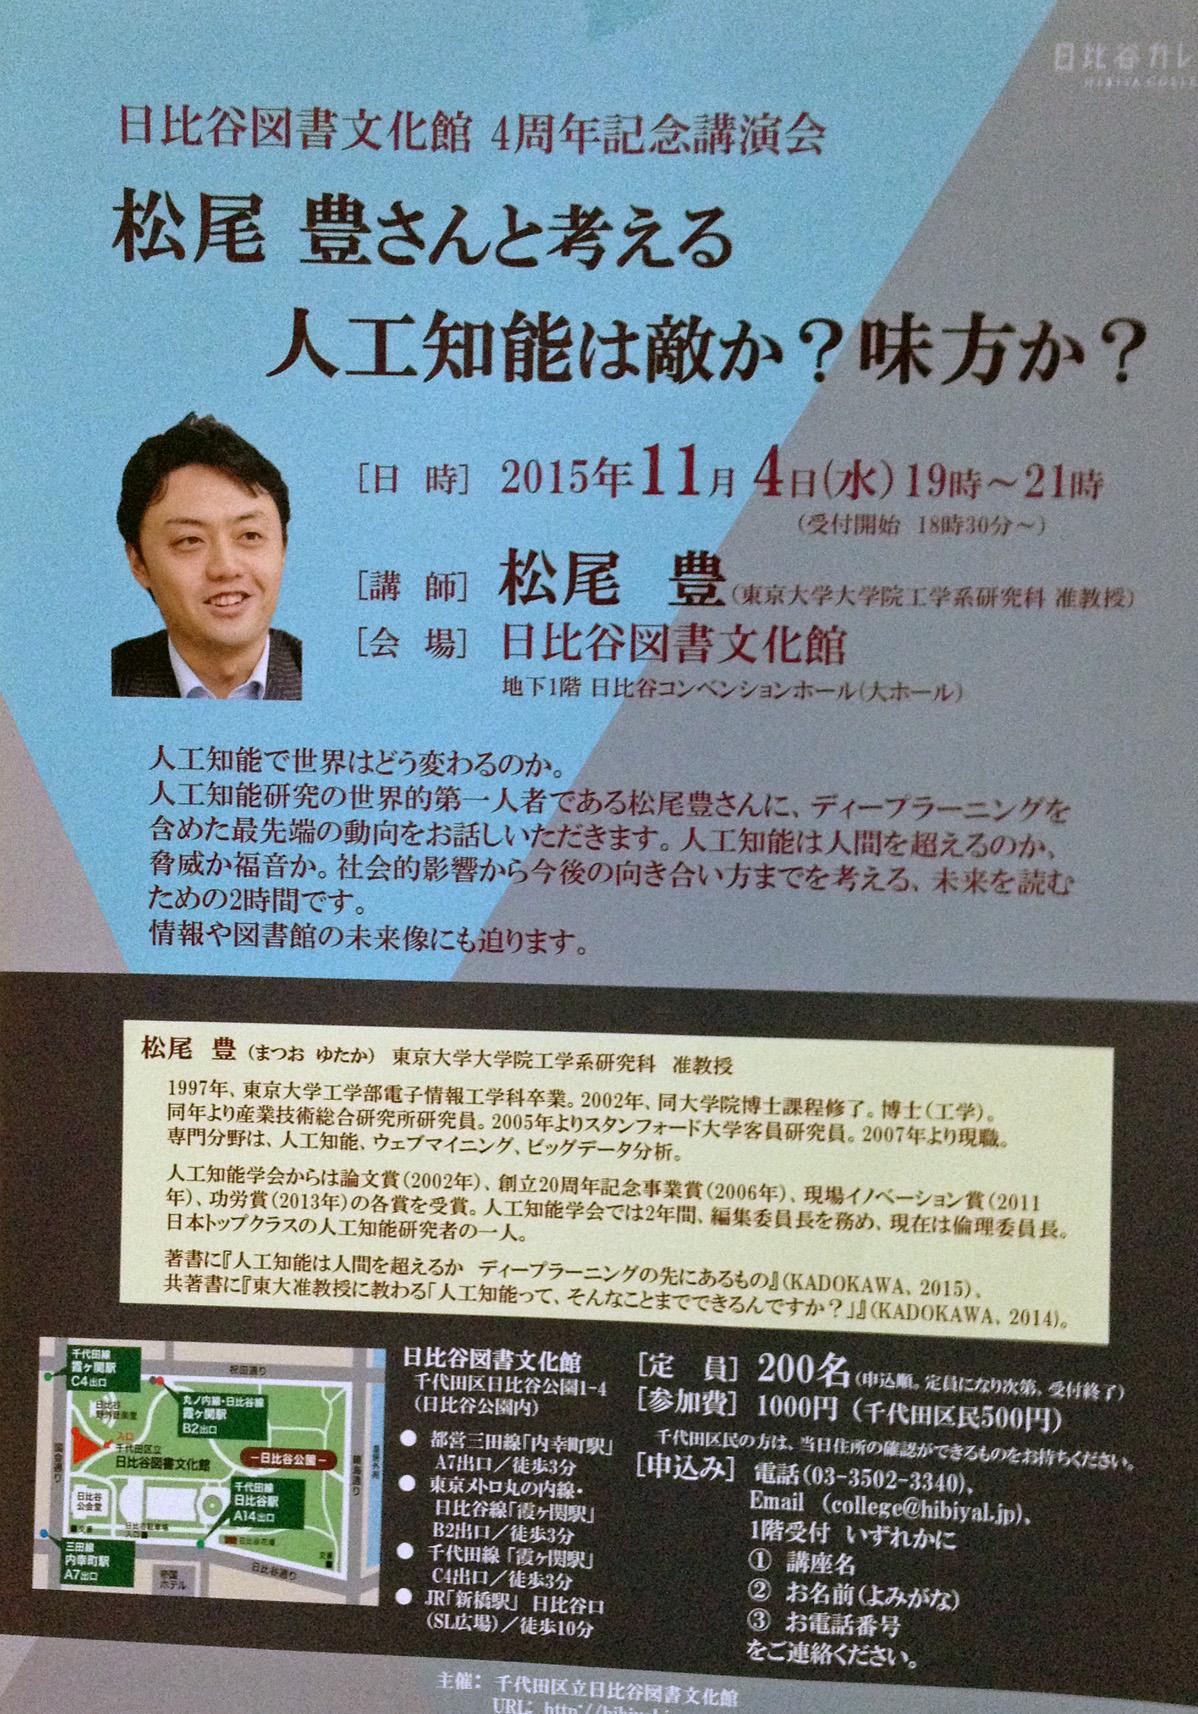 人工知能松尾IMG_4337[1].jpg